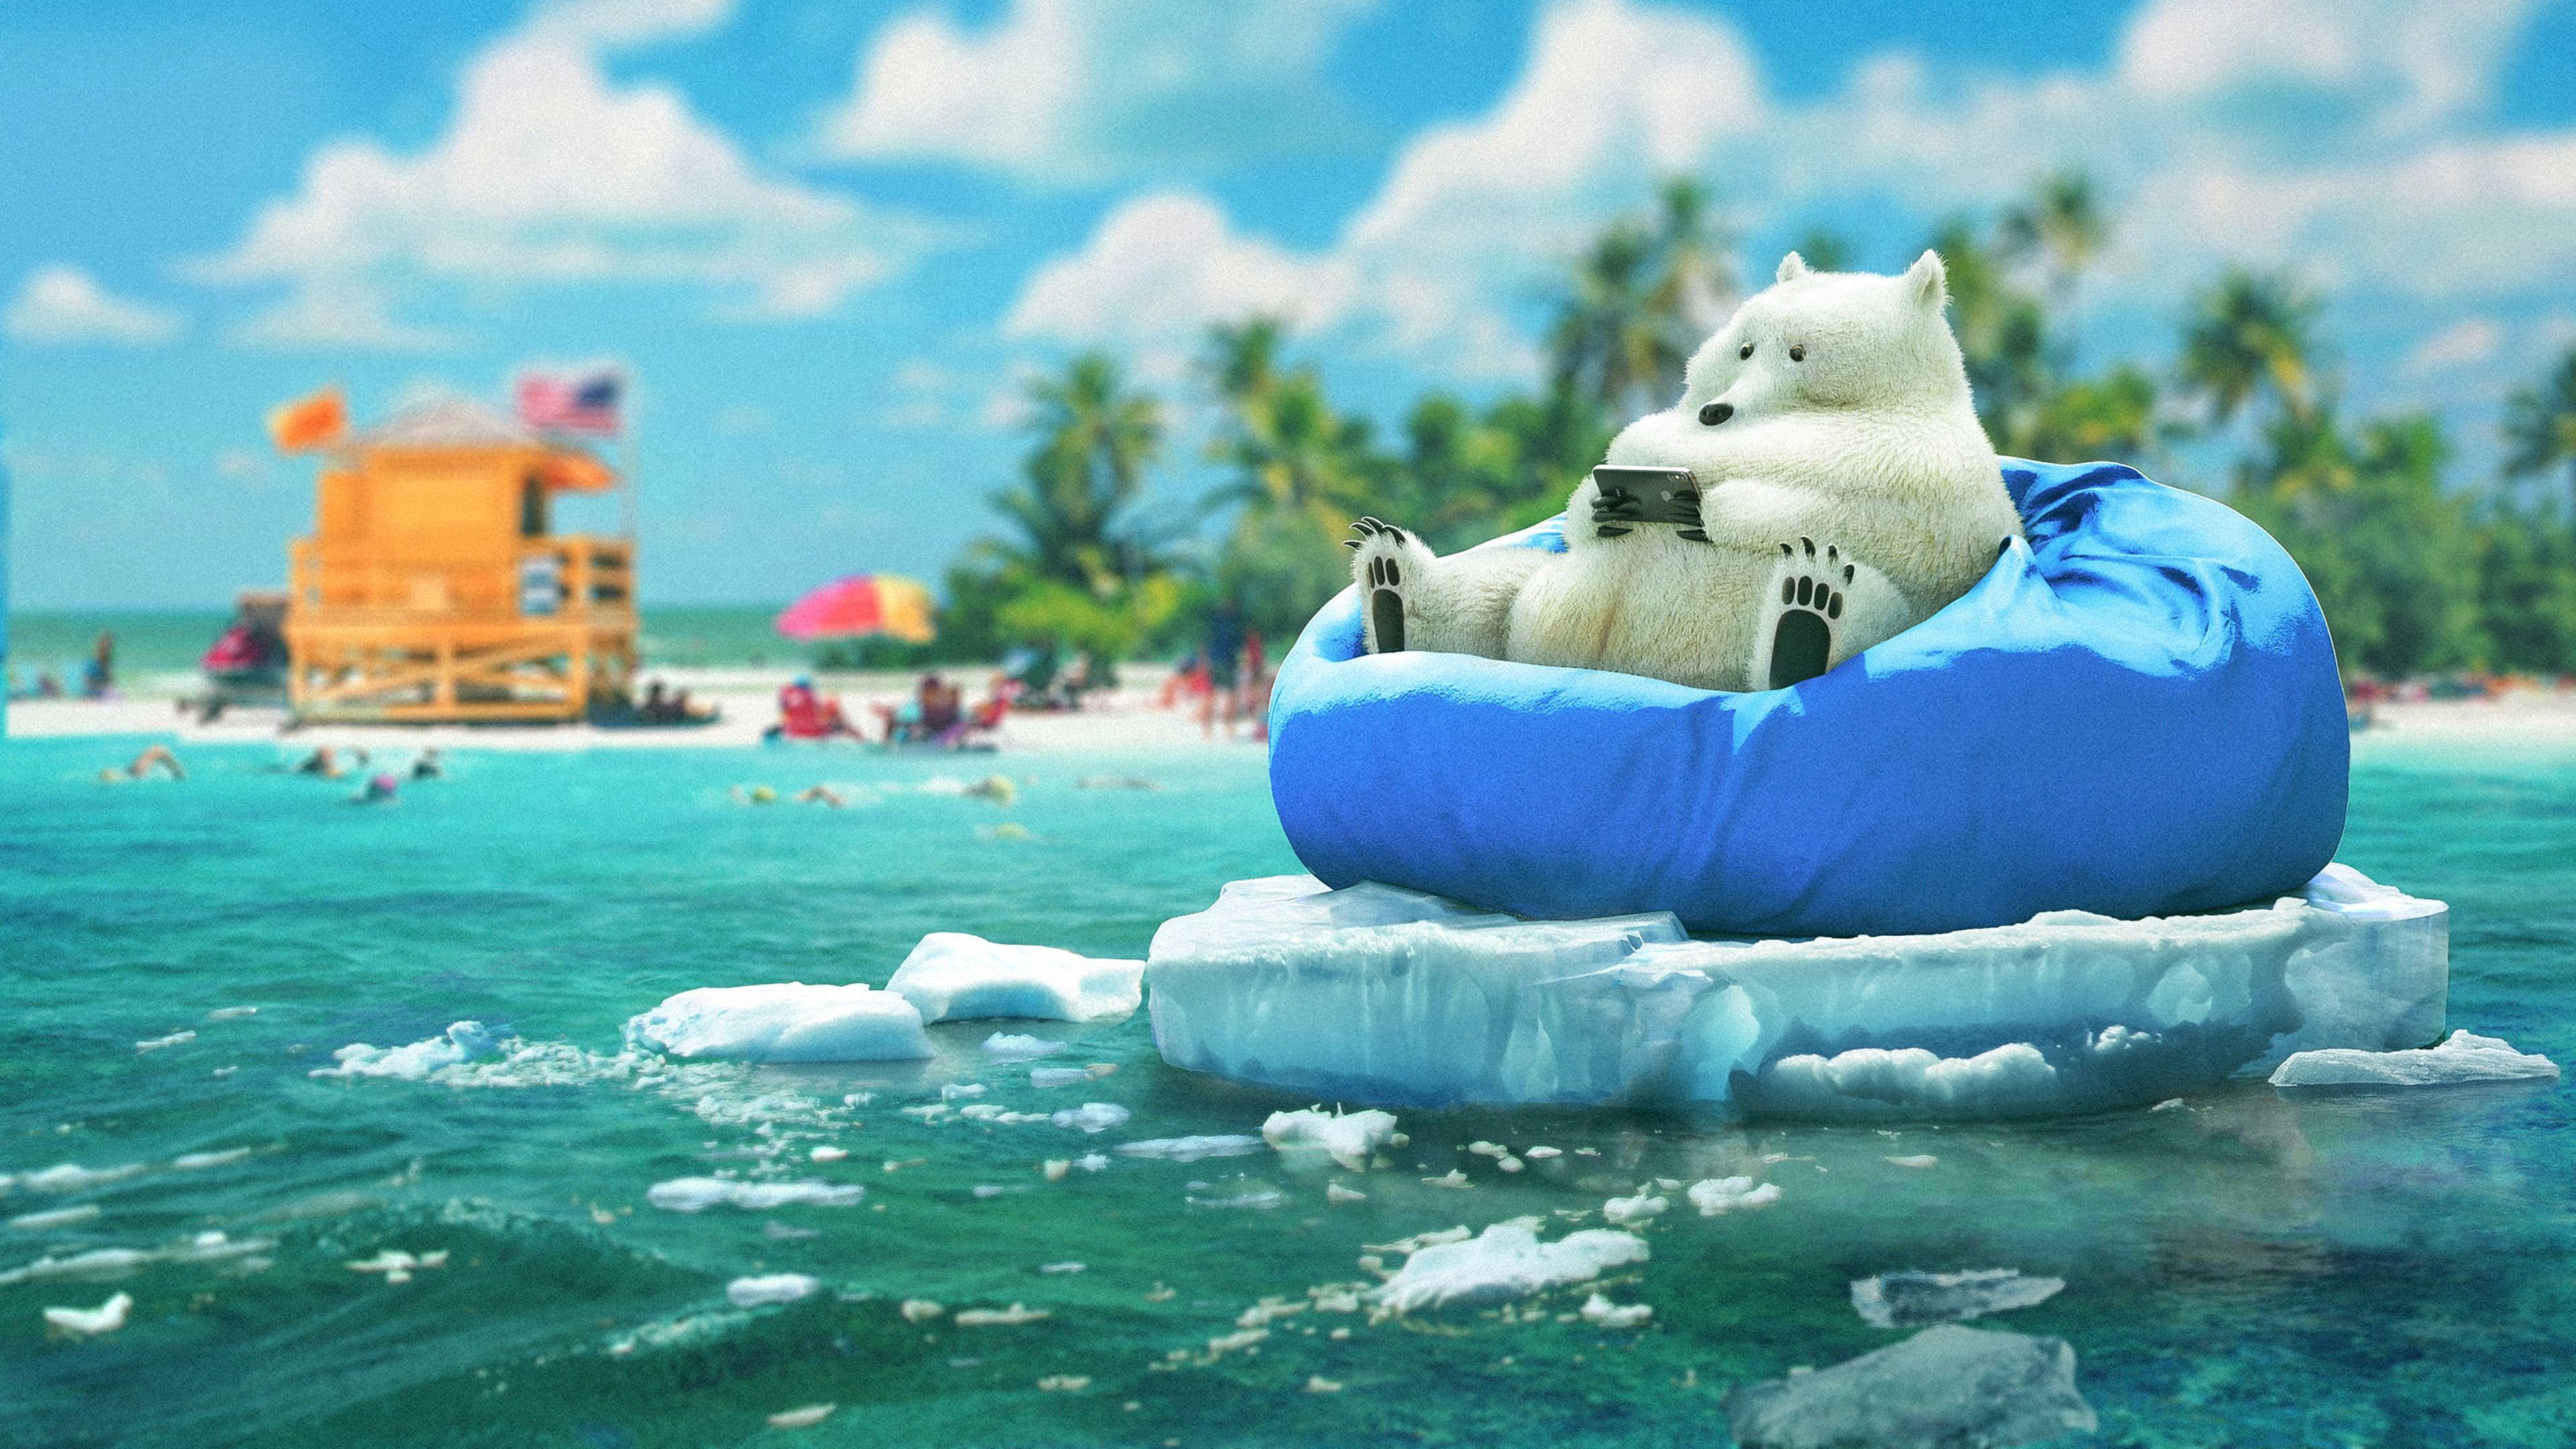 144057 скачать обои Разное, Медведь, Телефон, Прикольный, Лед, Пляж - заставки и картинки бесплатно